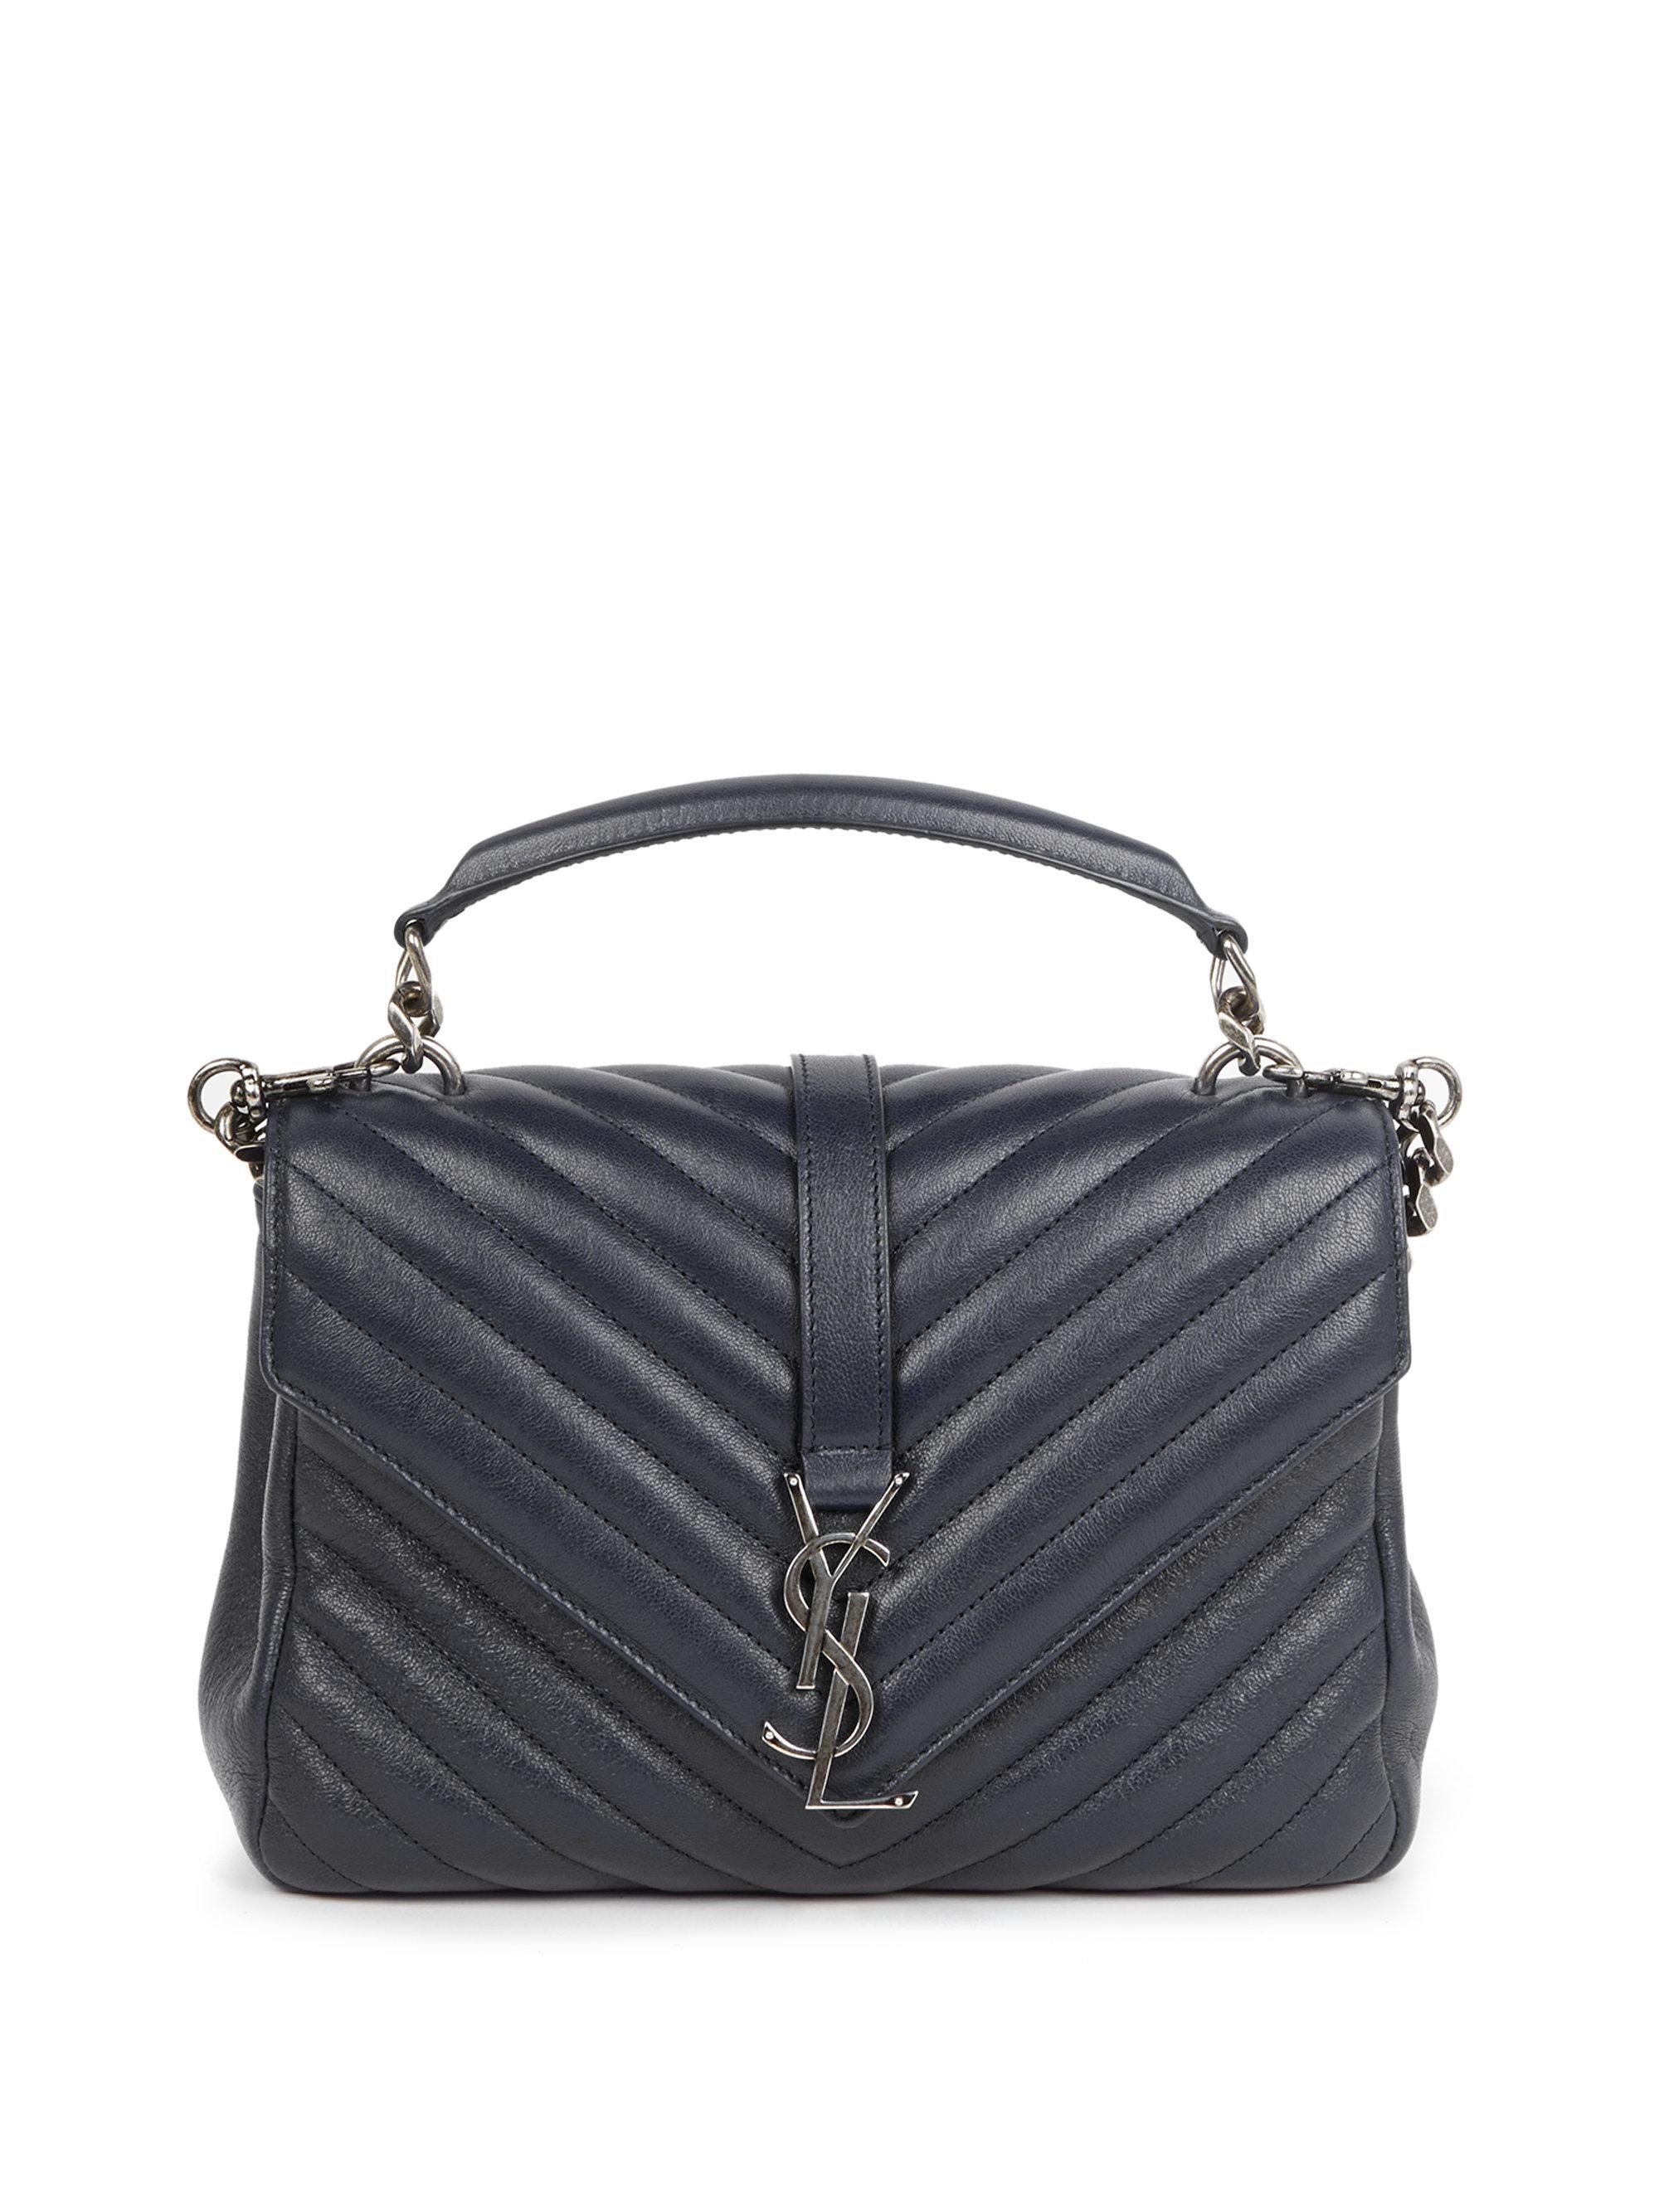 9e93dfaccc26 Saint Laurent. Women s Medium College Monogram Matelasse Leather Shoulder  Bag